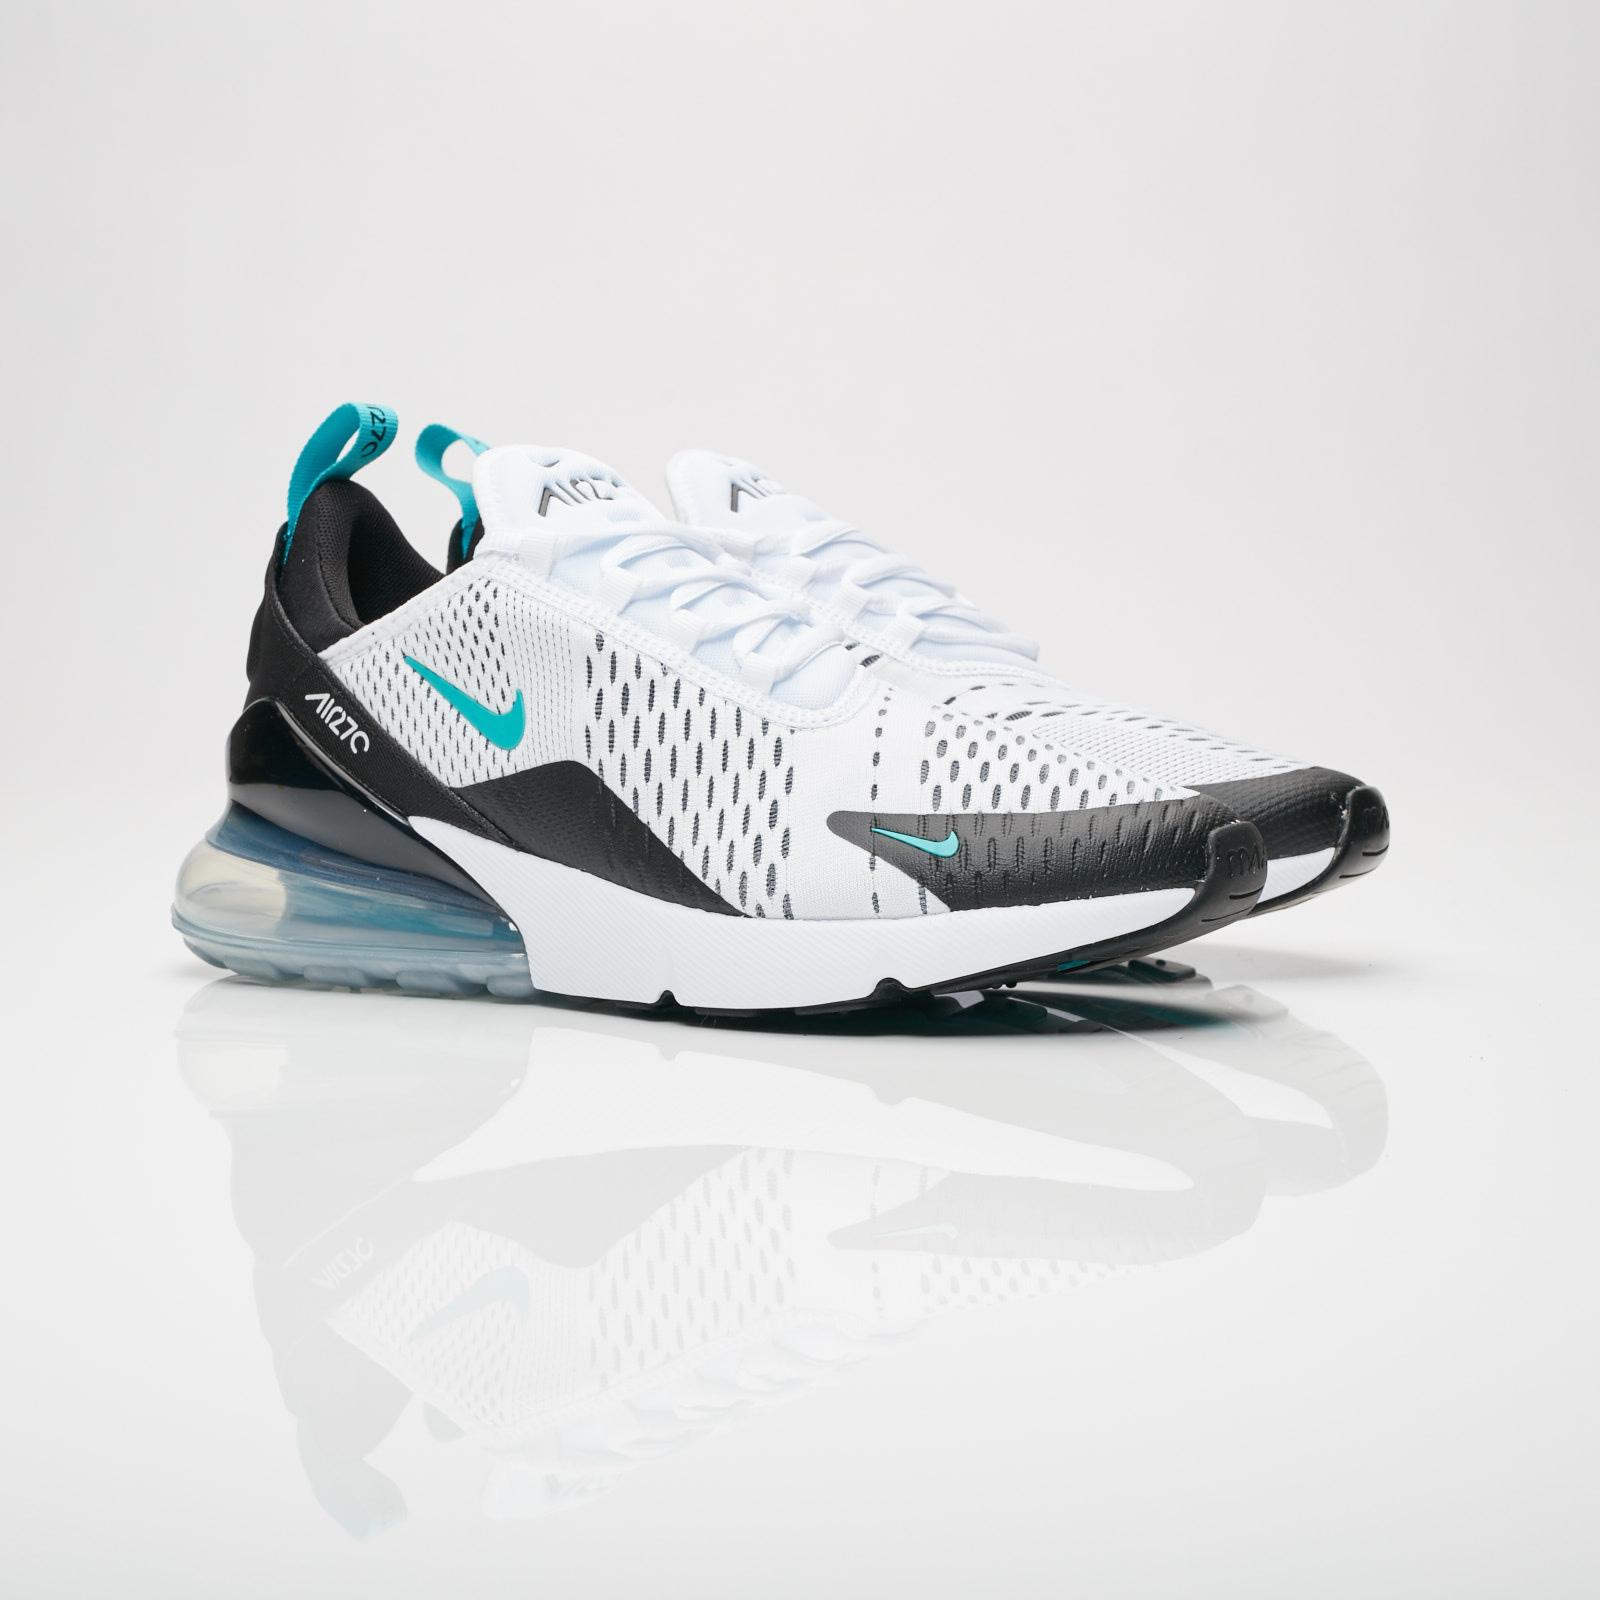 dfbdafa1c9c Nike Air Max 270 - Ah8050-001 - Sneakersnstuff